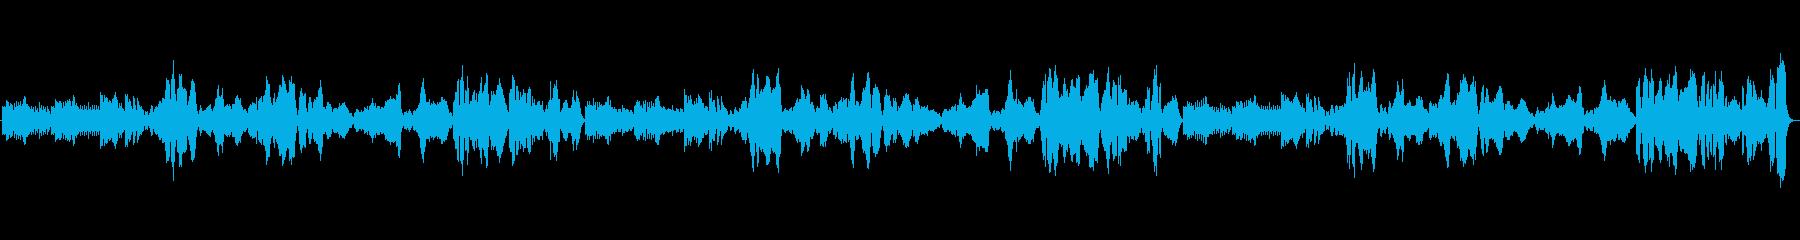 郷愁ただようナポリ民謡『ナポリの歌』の再生済みの波形